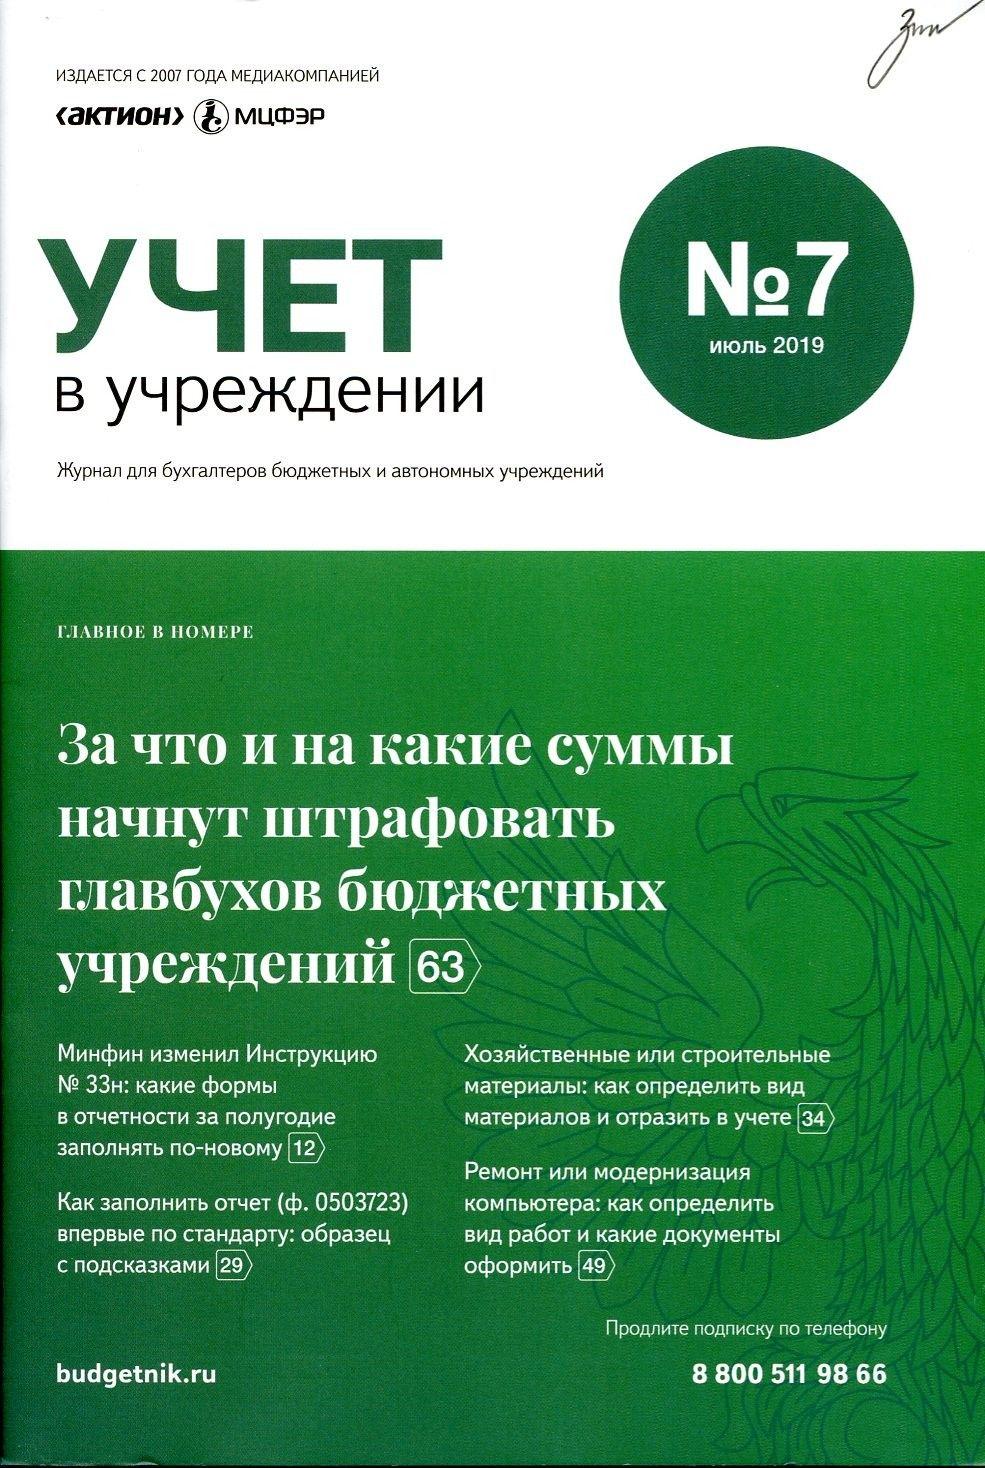 Главный бухгалтер в бюджетных организациях журнал услуги бухгалтера для ип краснодар